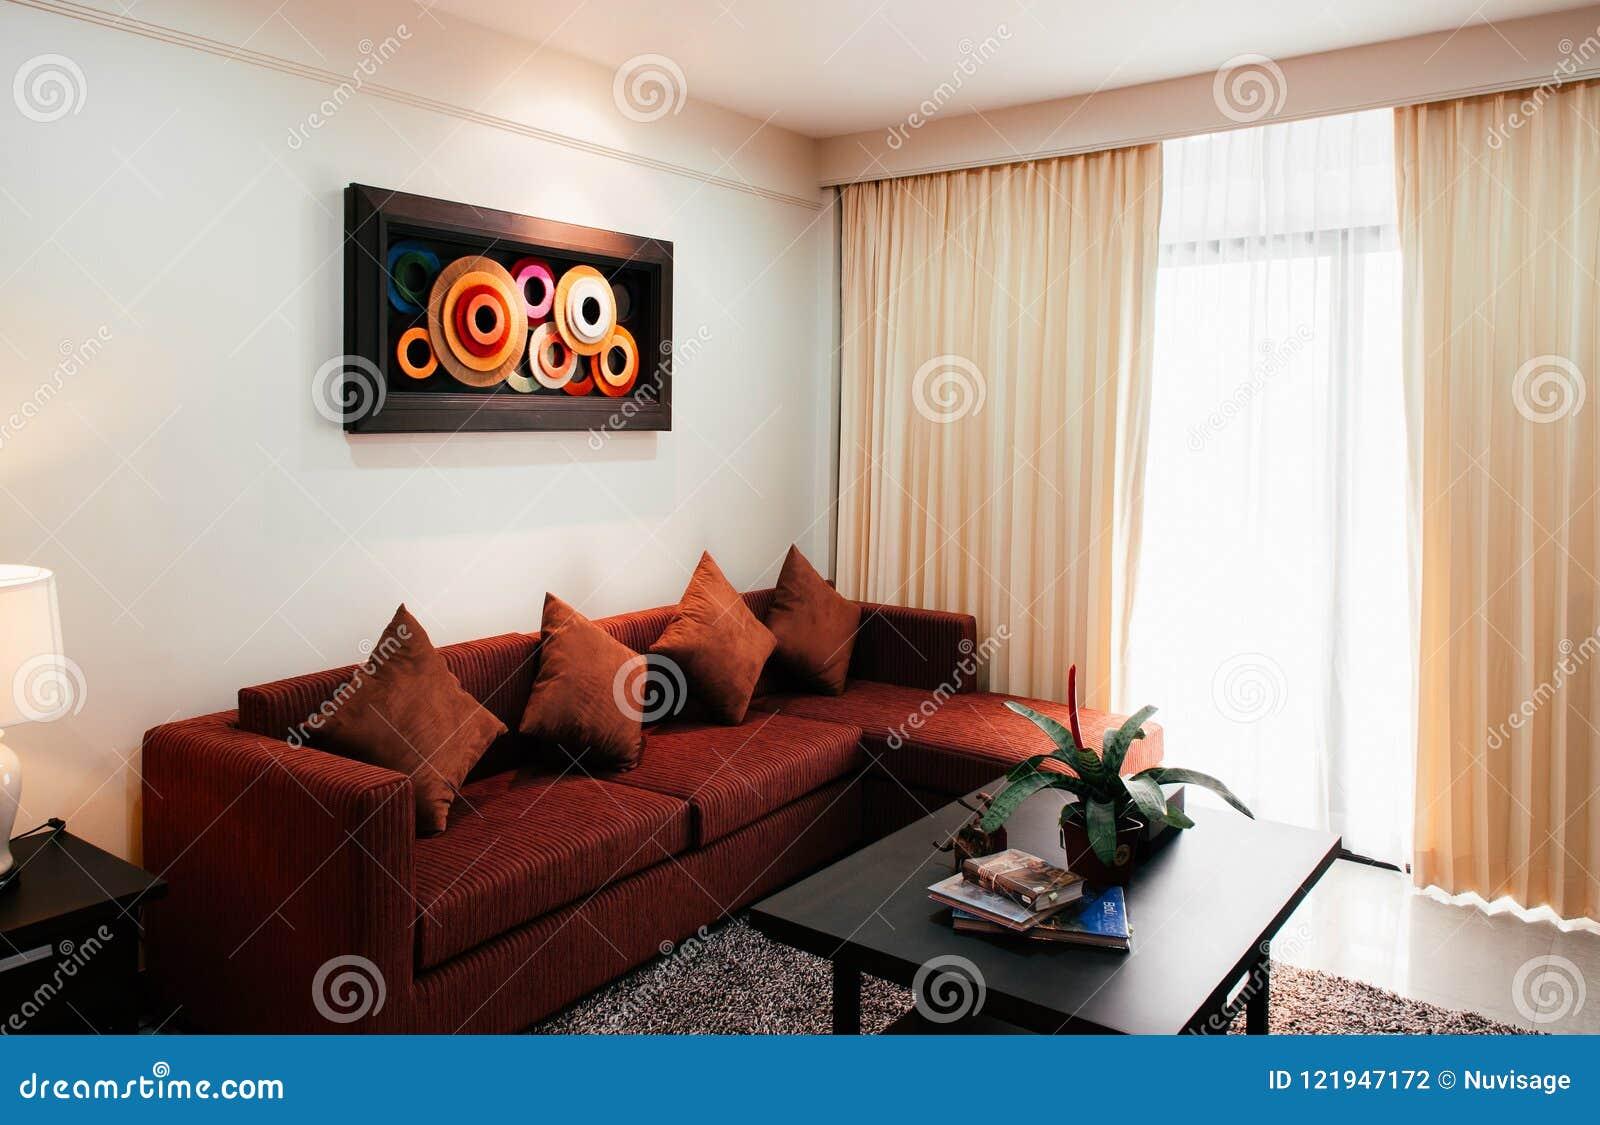 Wygodny żywy pokój z nowożytną obraz ścianą dekoracyjną i czerwoną w ten sposób